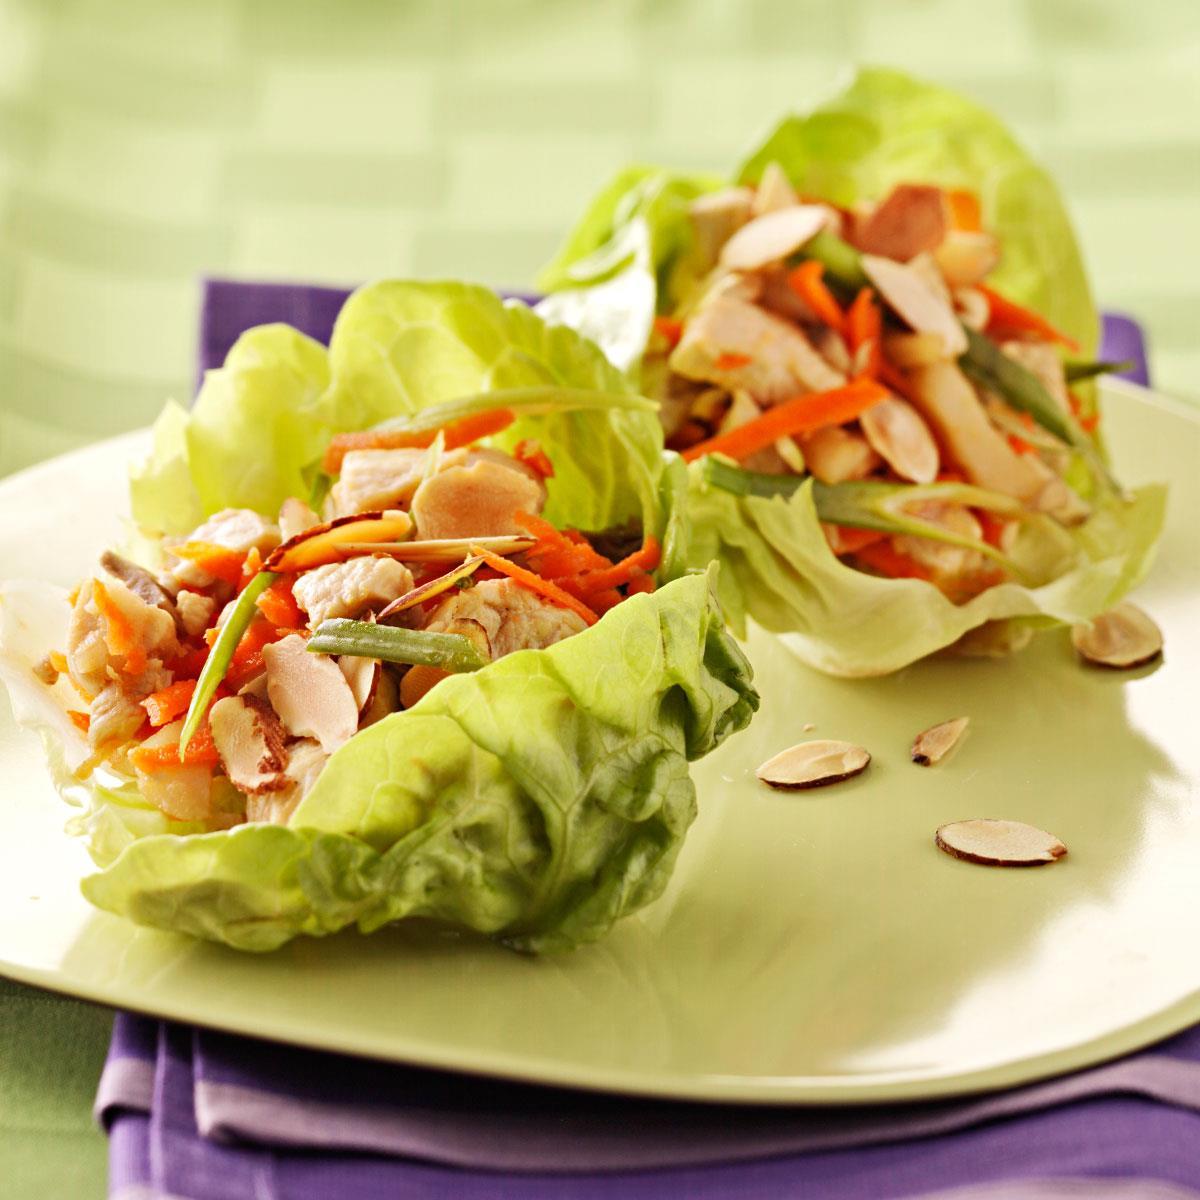 Fiber-Packed Lettuce Wraps - 1 Serving